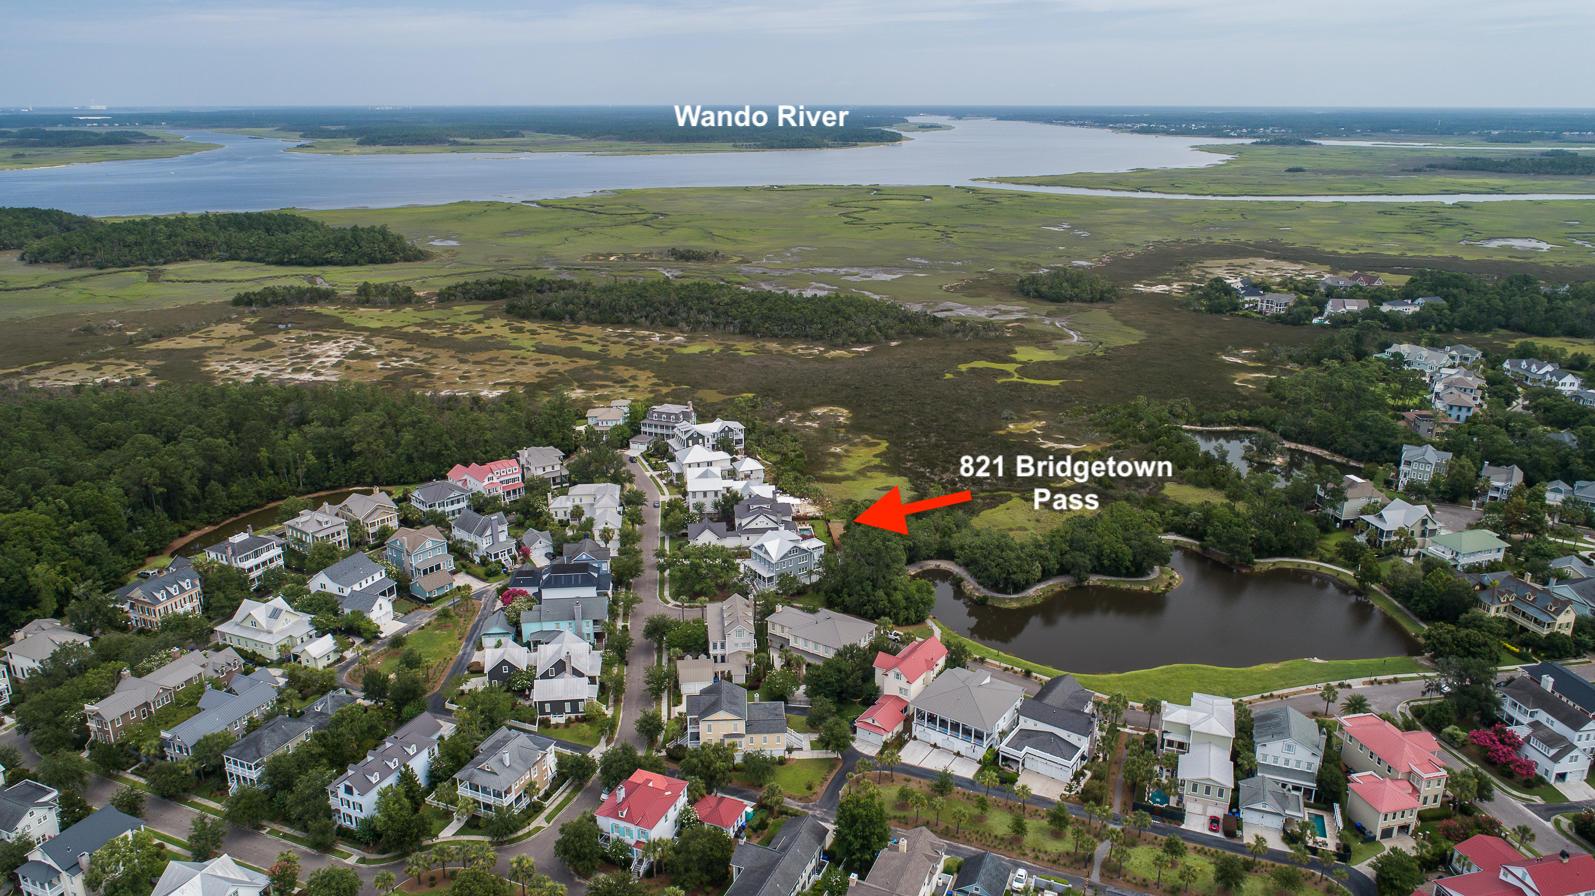 Belle Hall Homes For Sale - 821 Bridgetown Pass, Mount Pleasant, SC - 29